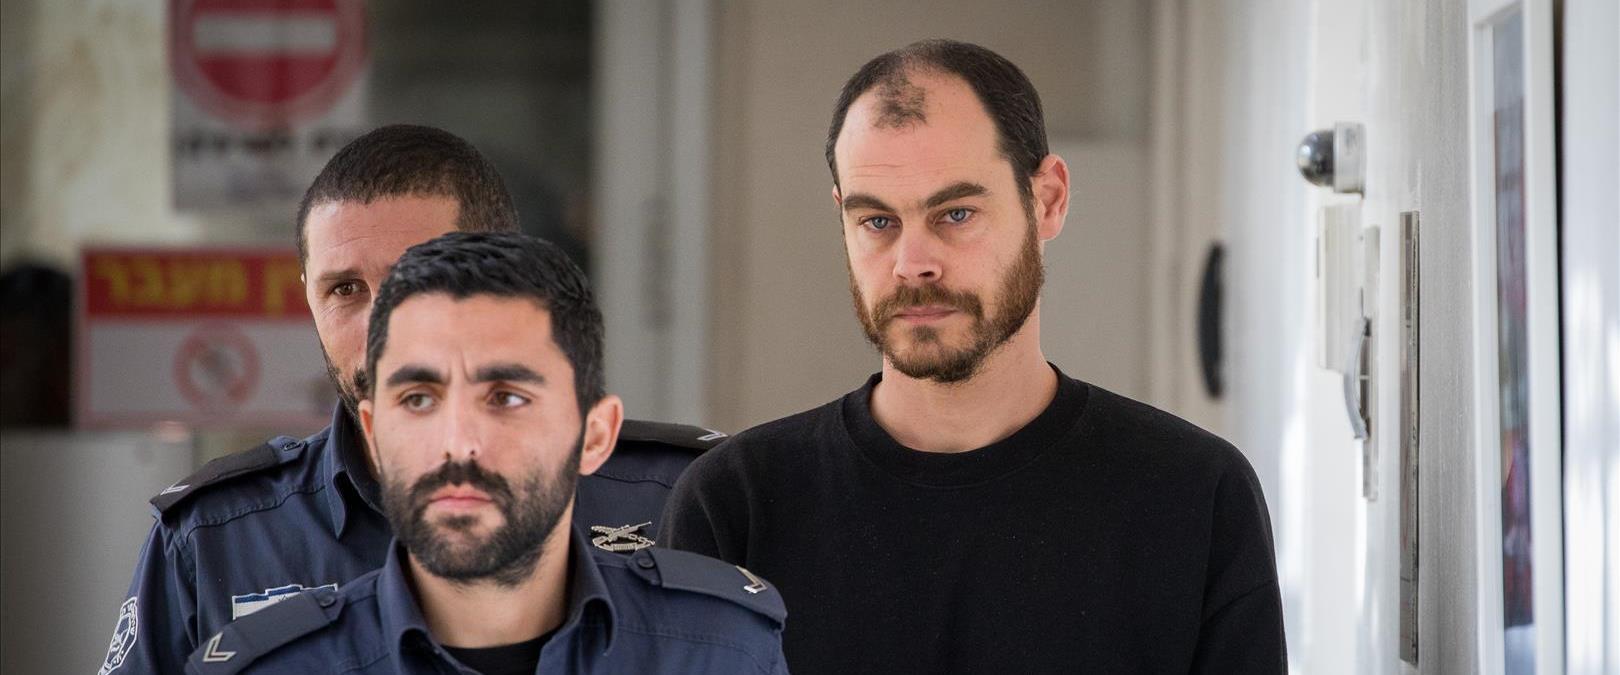 יונתן פולק במעצר